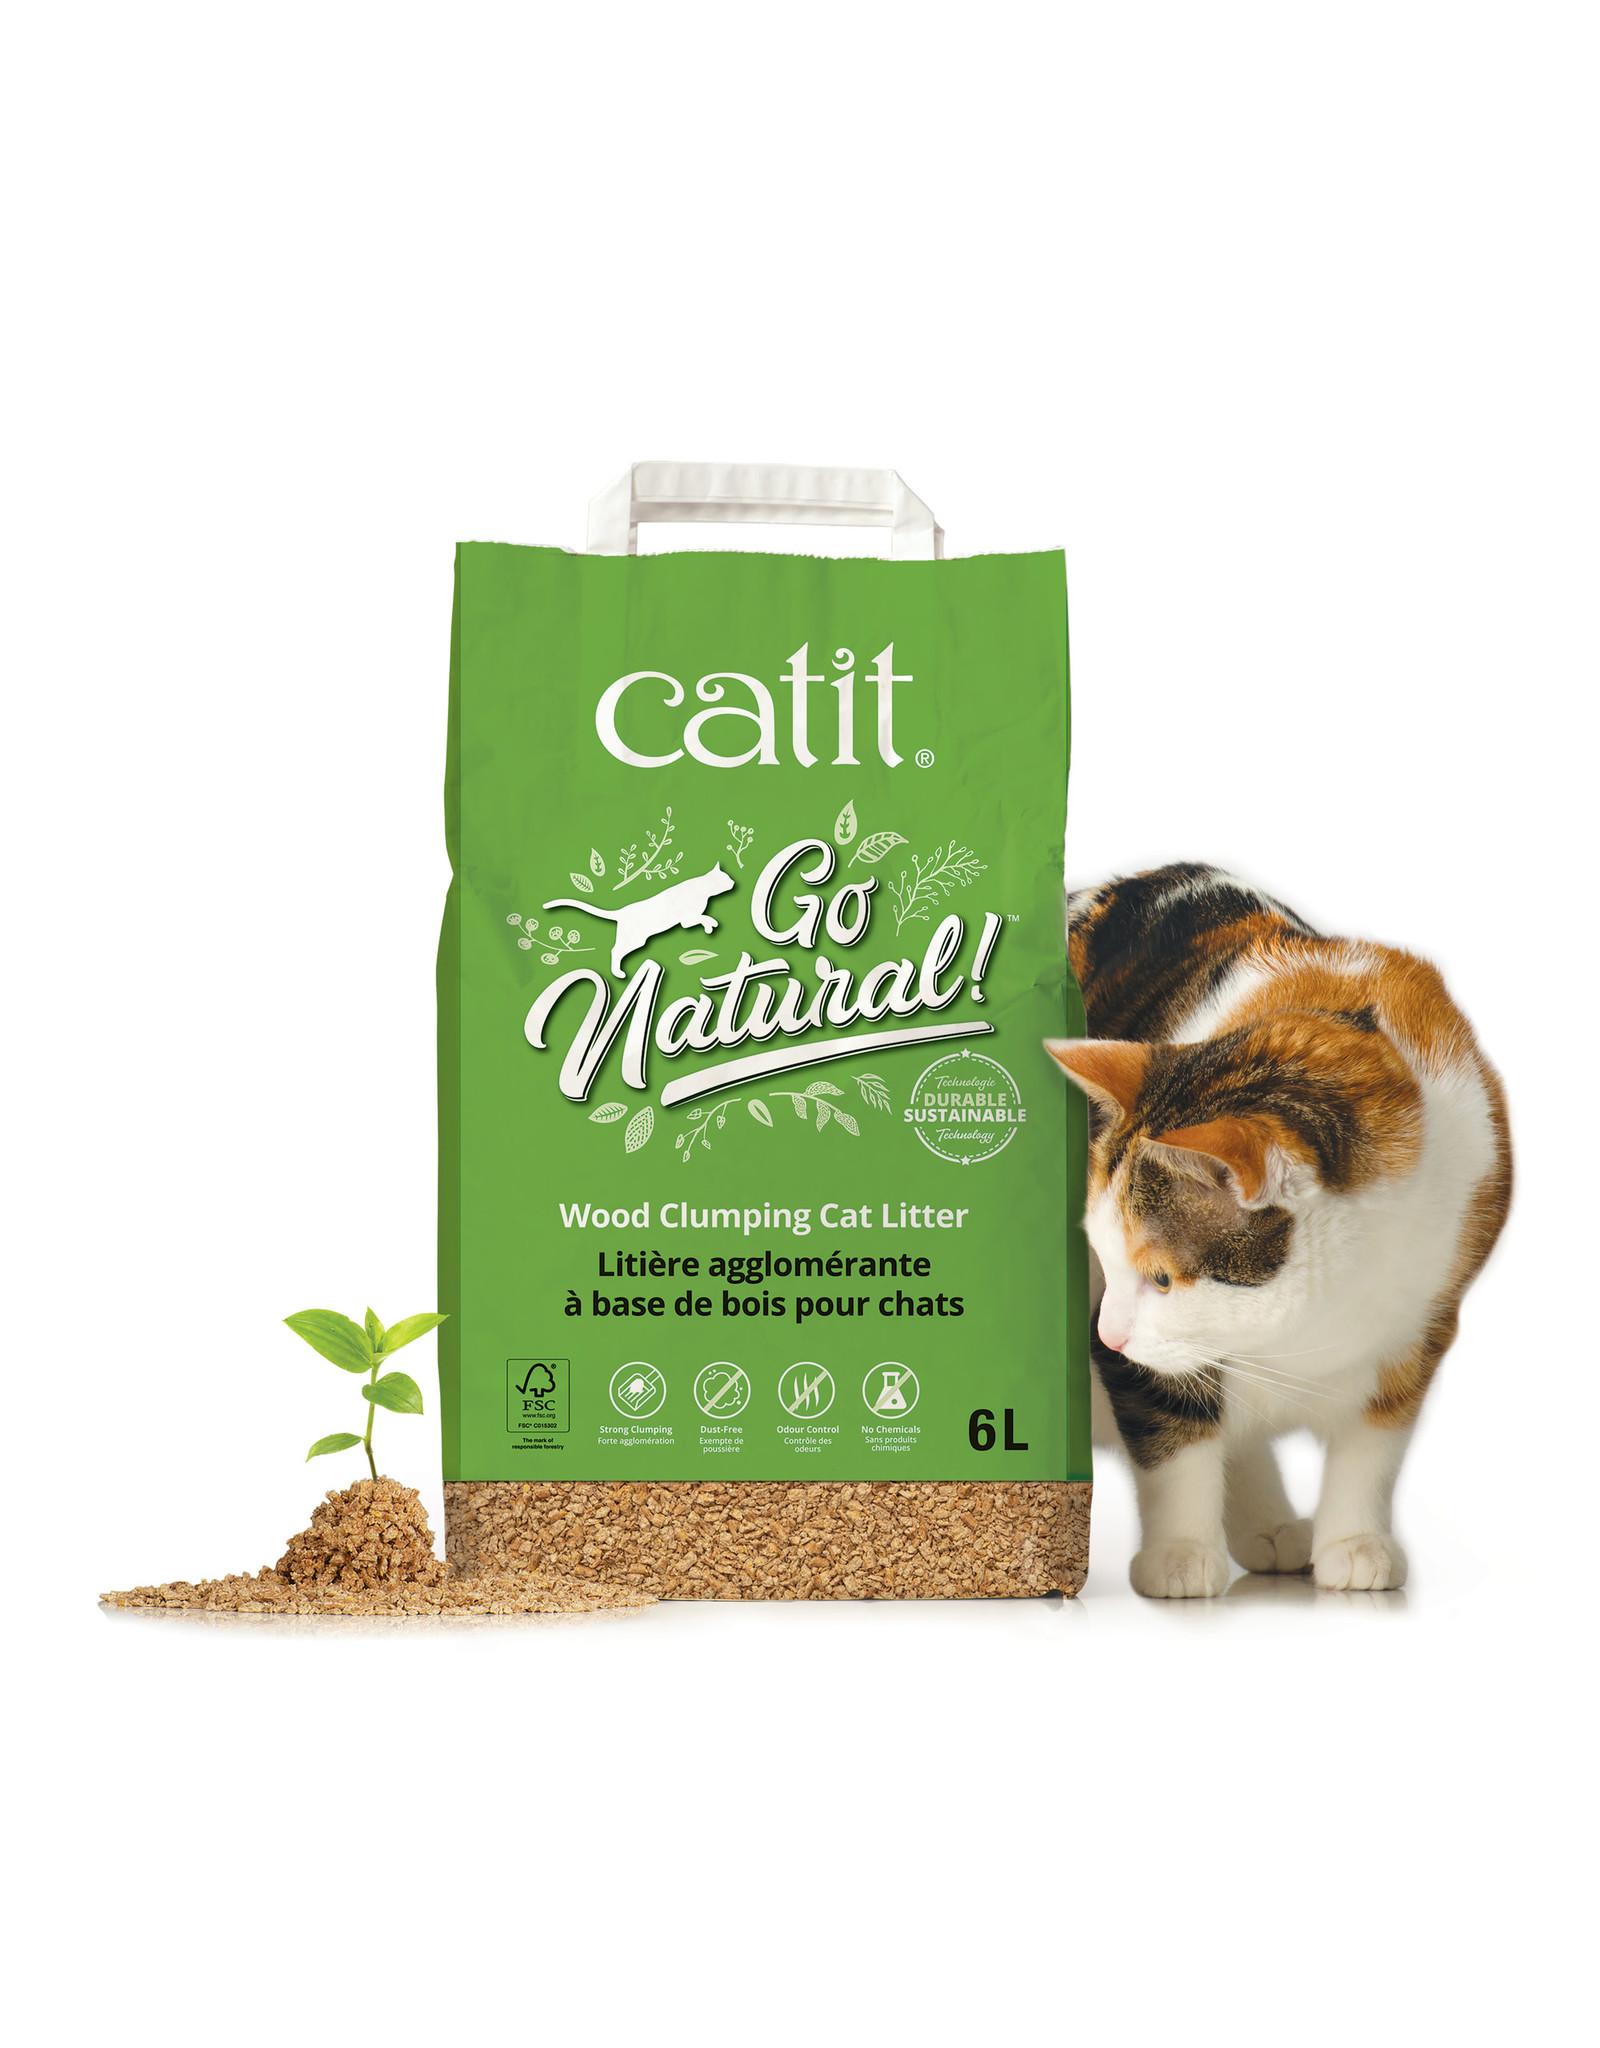 CatIt Go Natural! Wood Clumping Cat Litter 6L